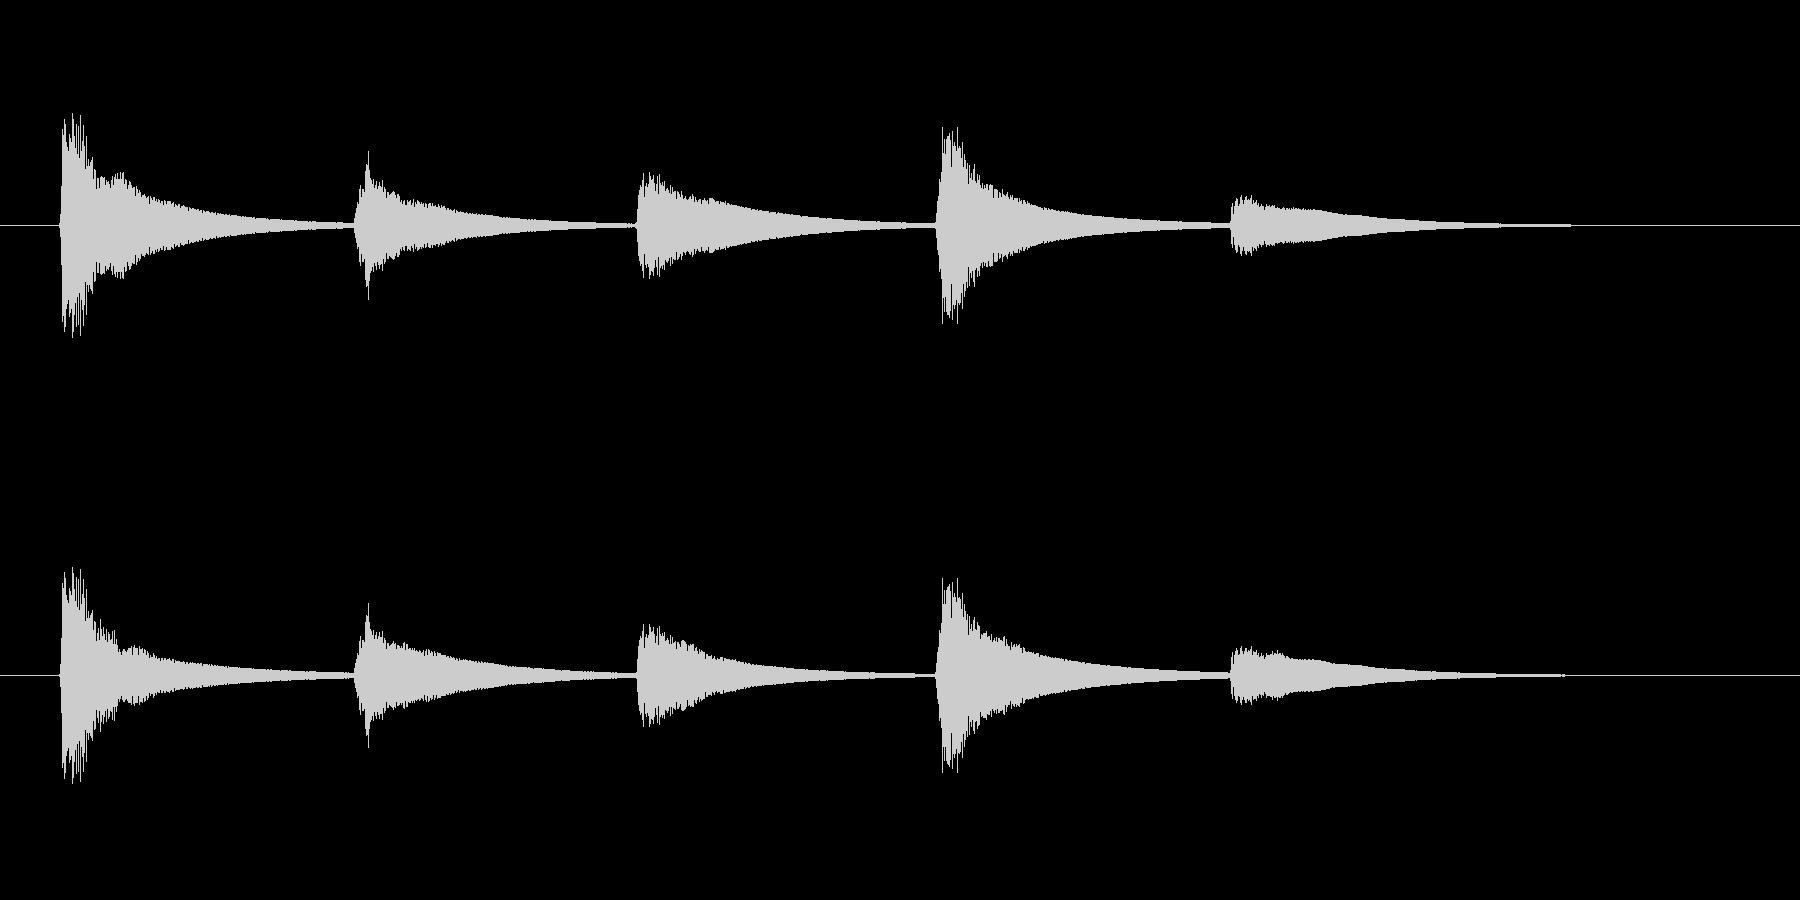 【SE 効果音】ティロティリロリン6の未再生の波形